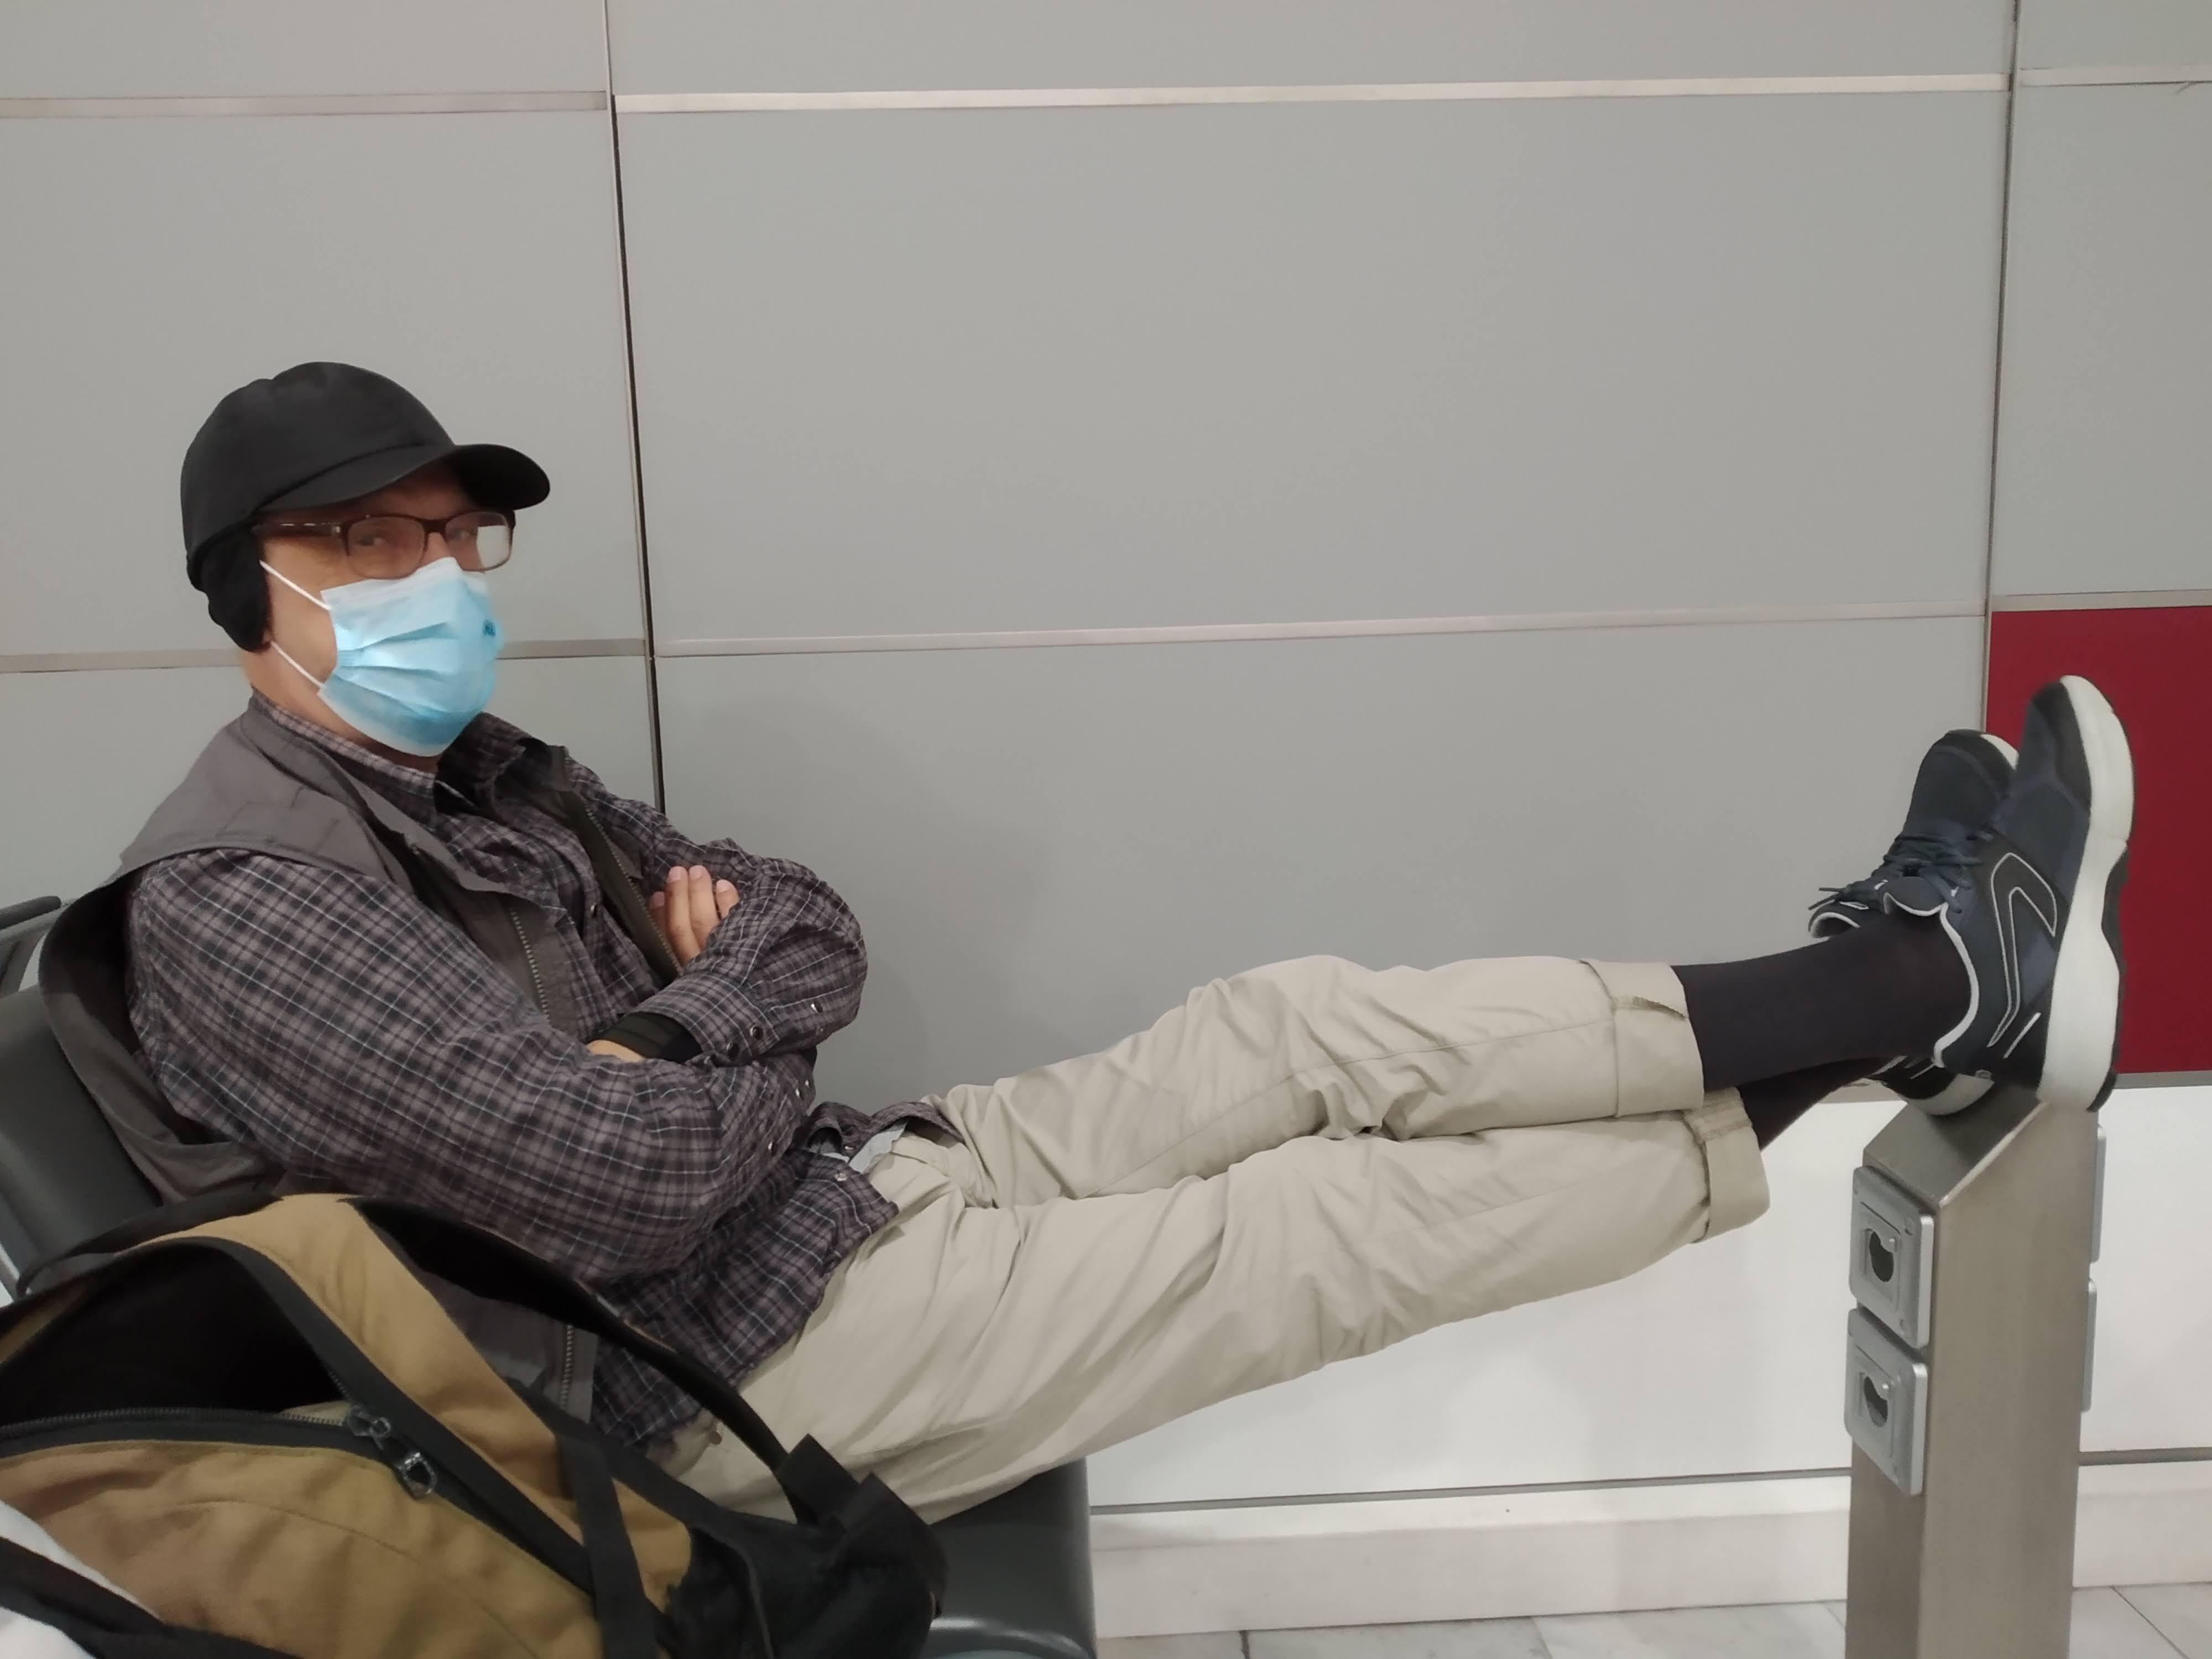 SP9FIH at Paris airport